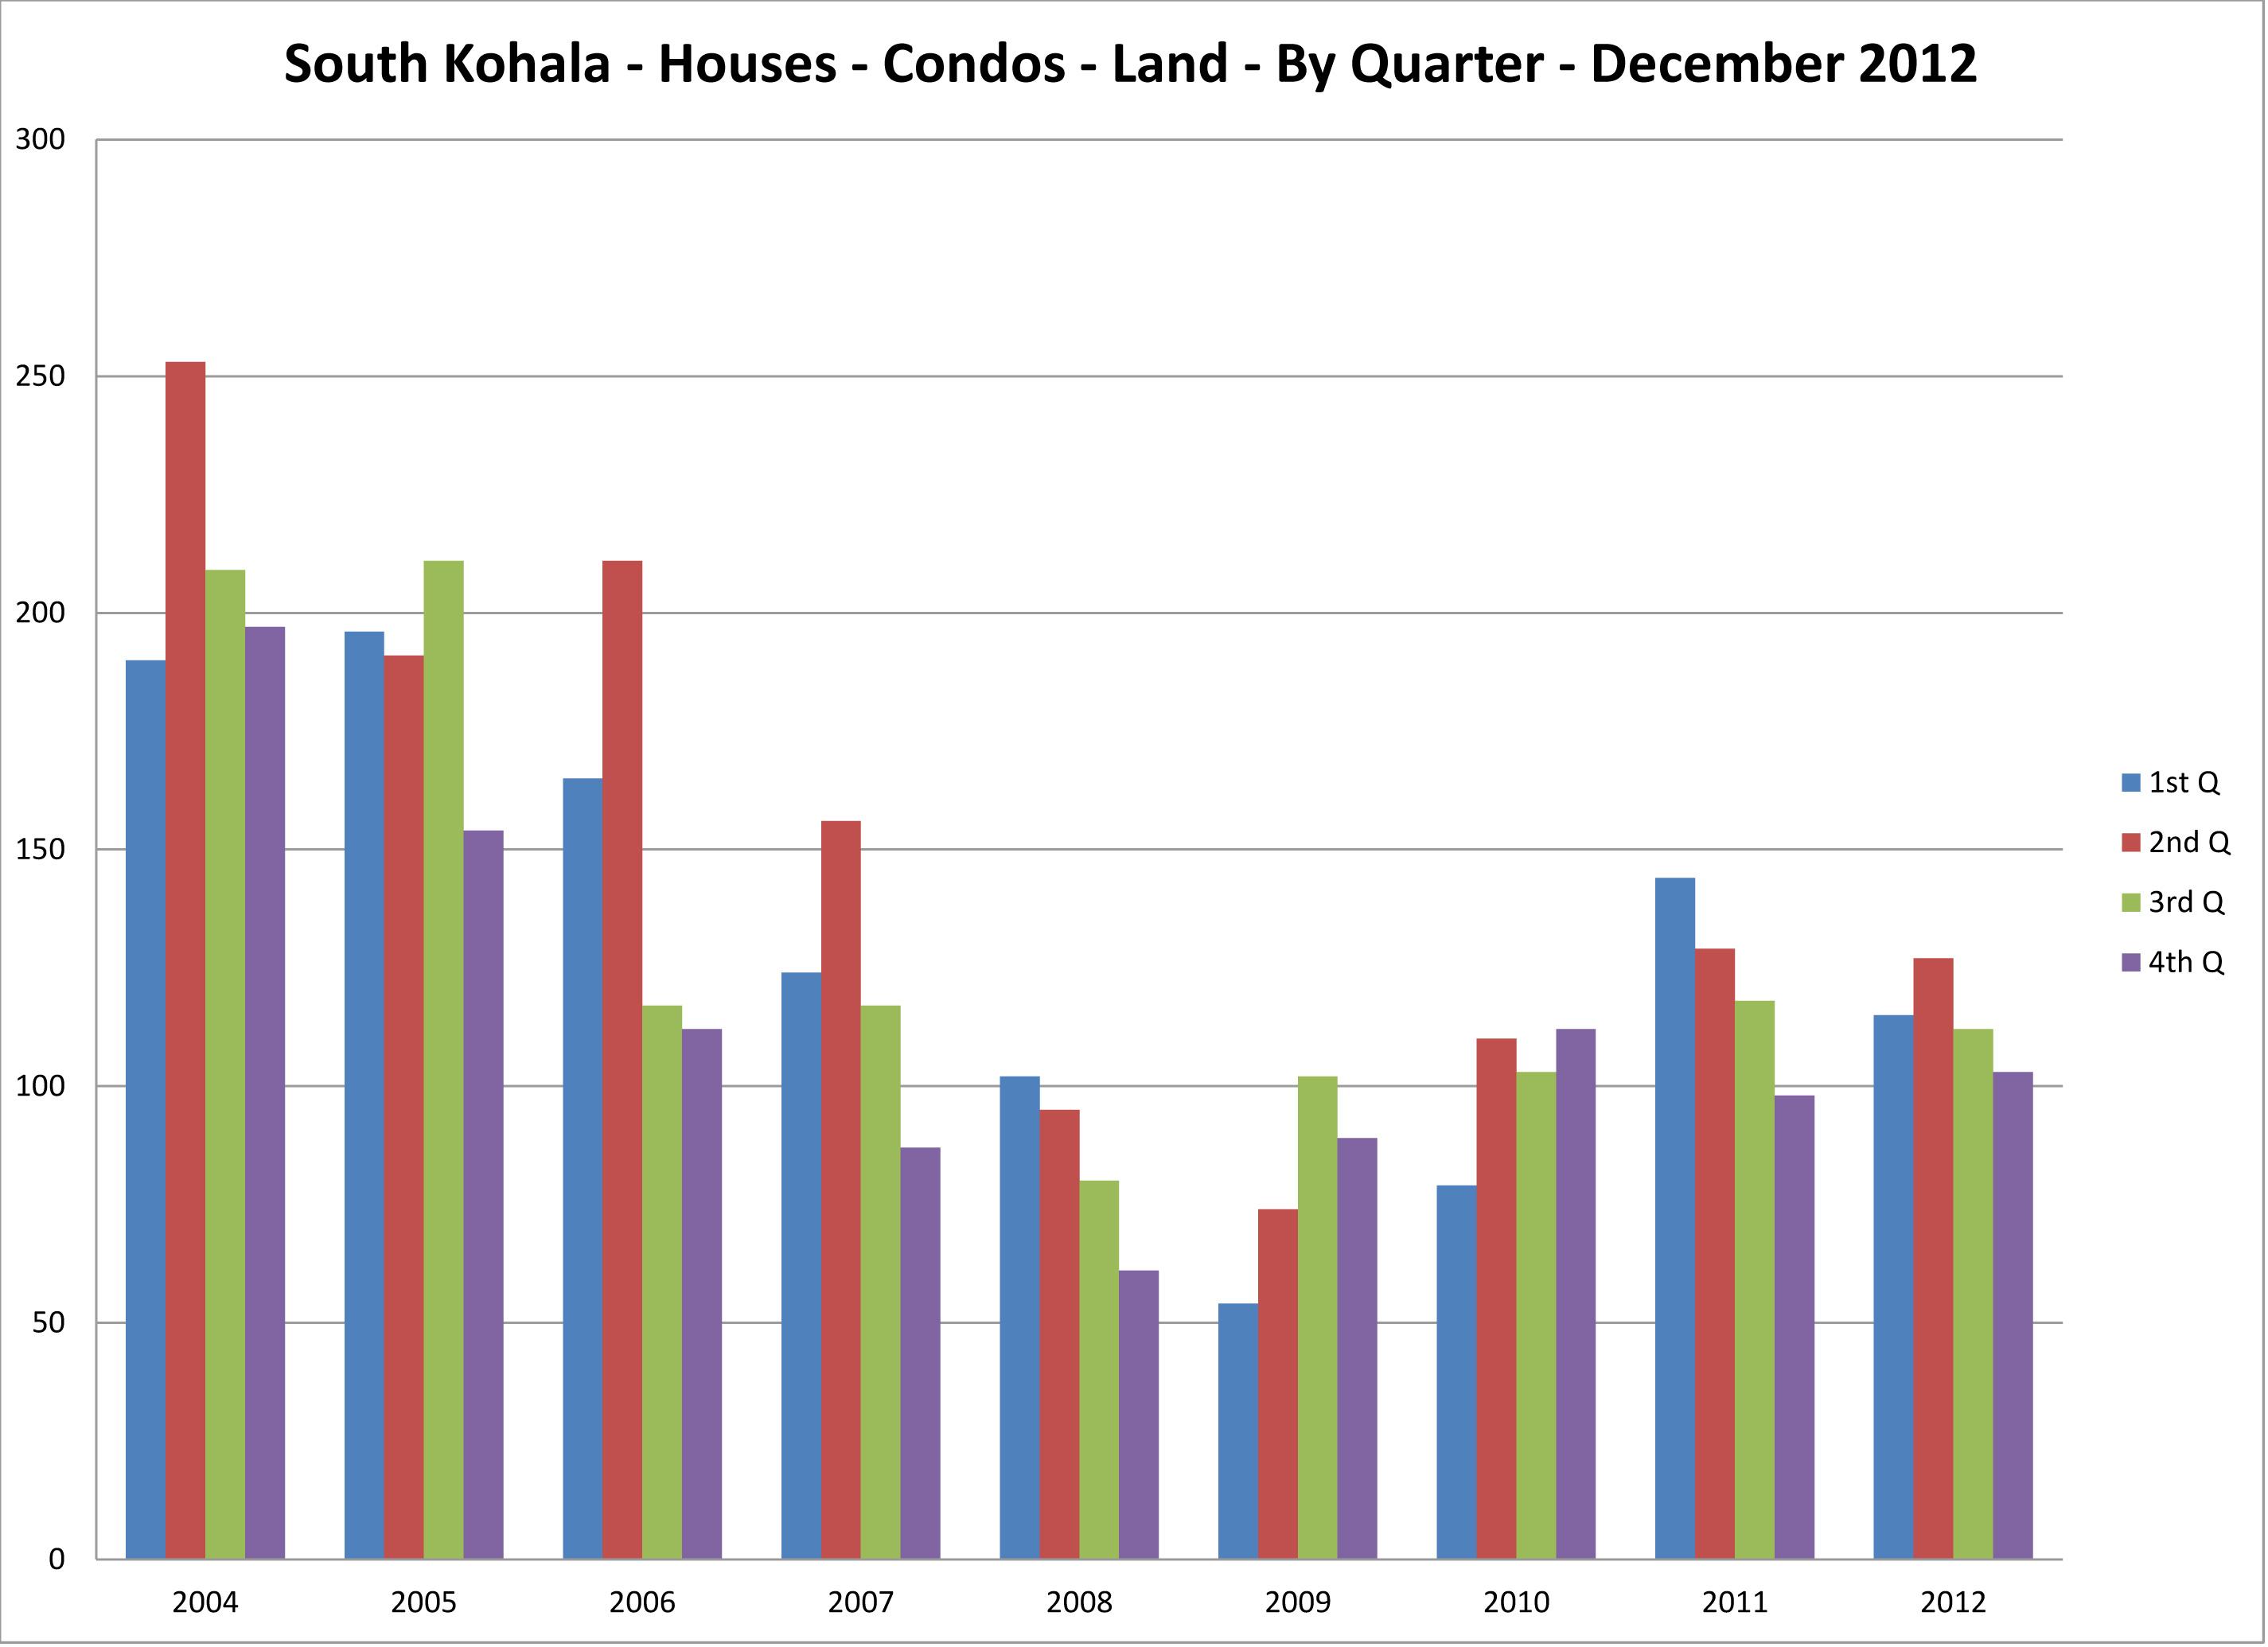 SK-2004-thru-2012-by-quarter